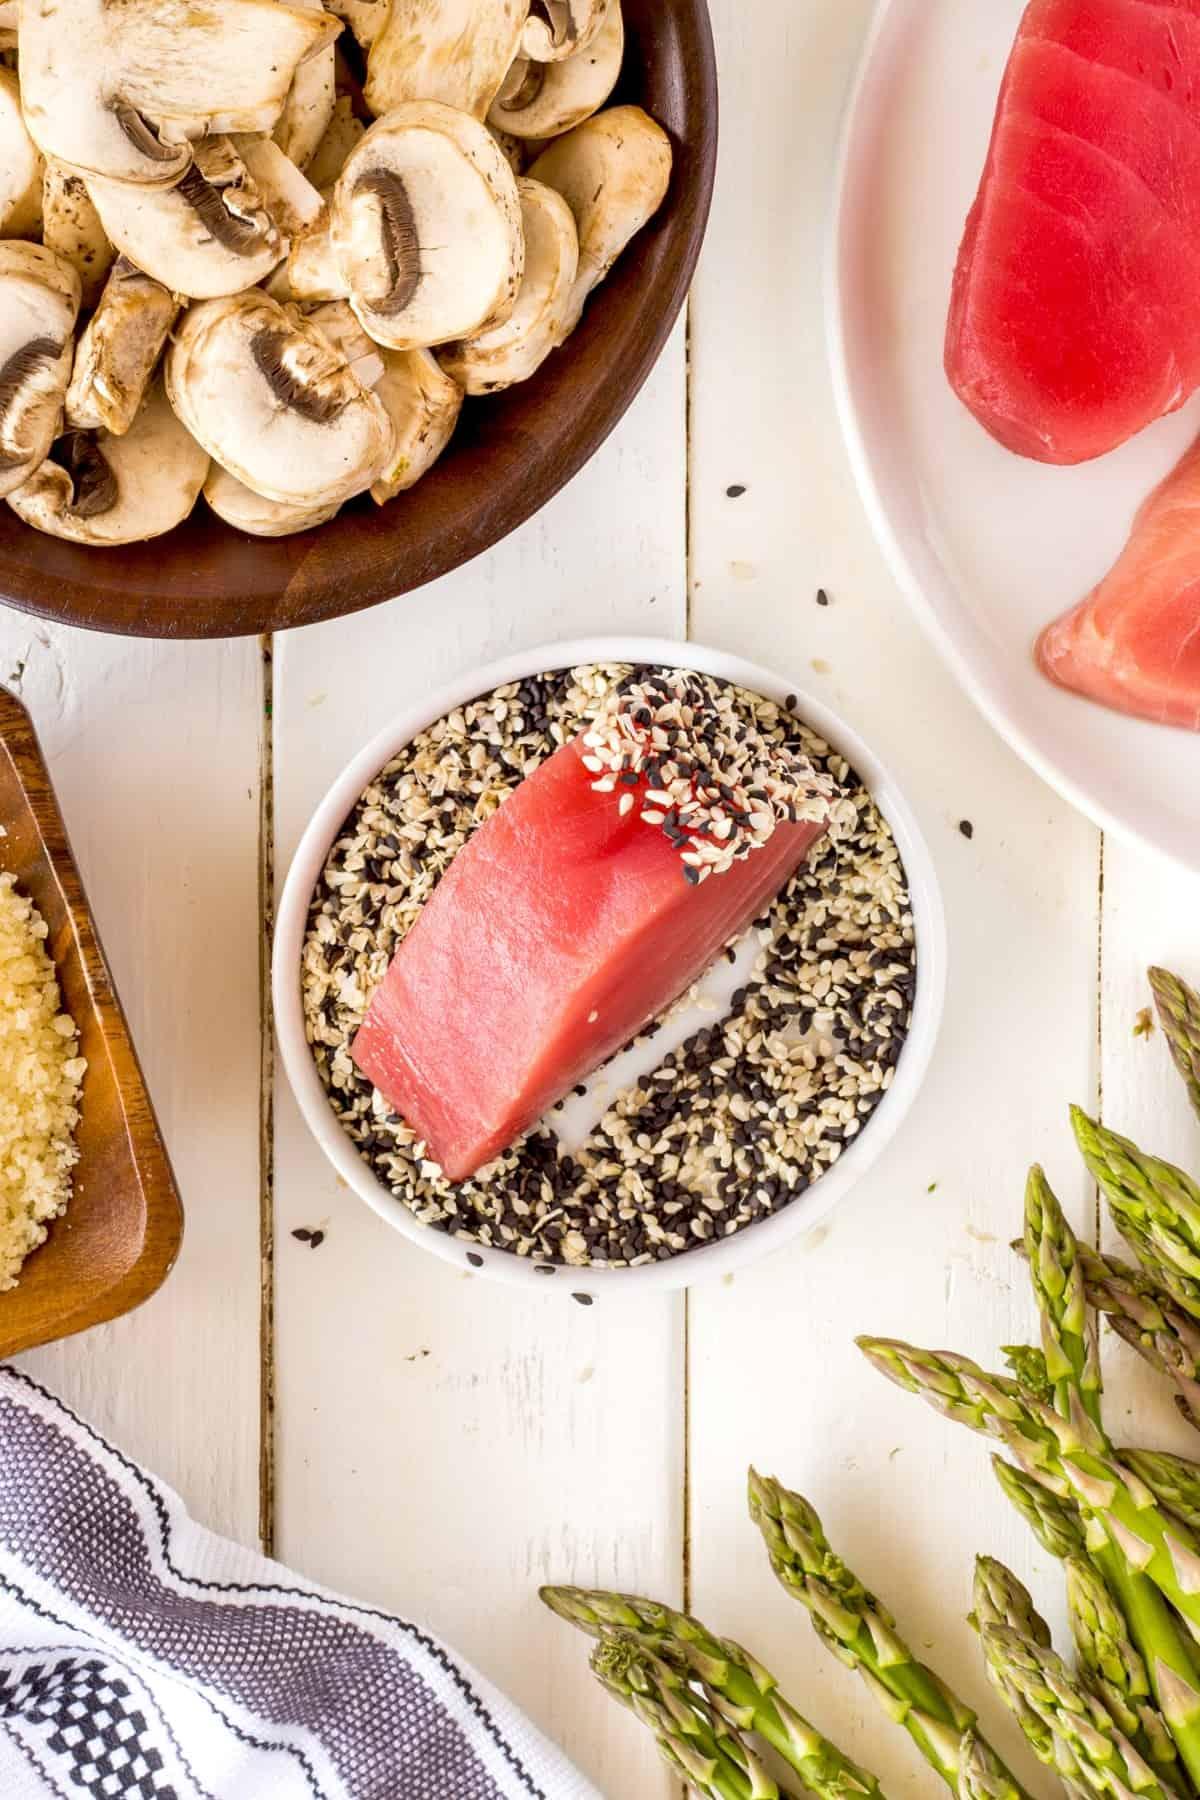 Rolling a tuna steak in sesame seeds